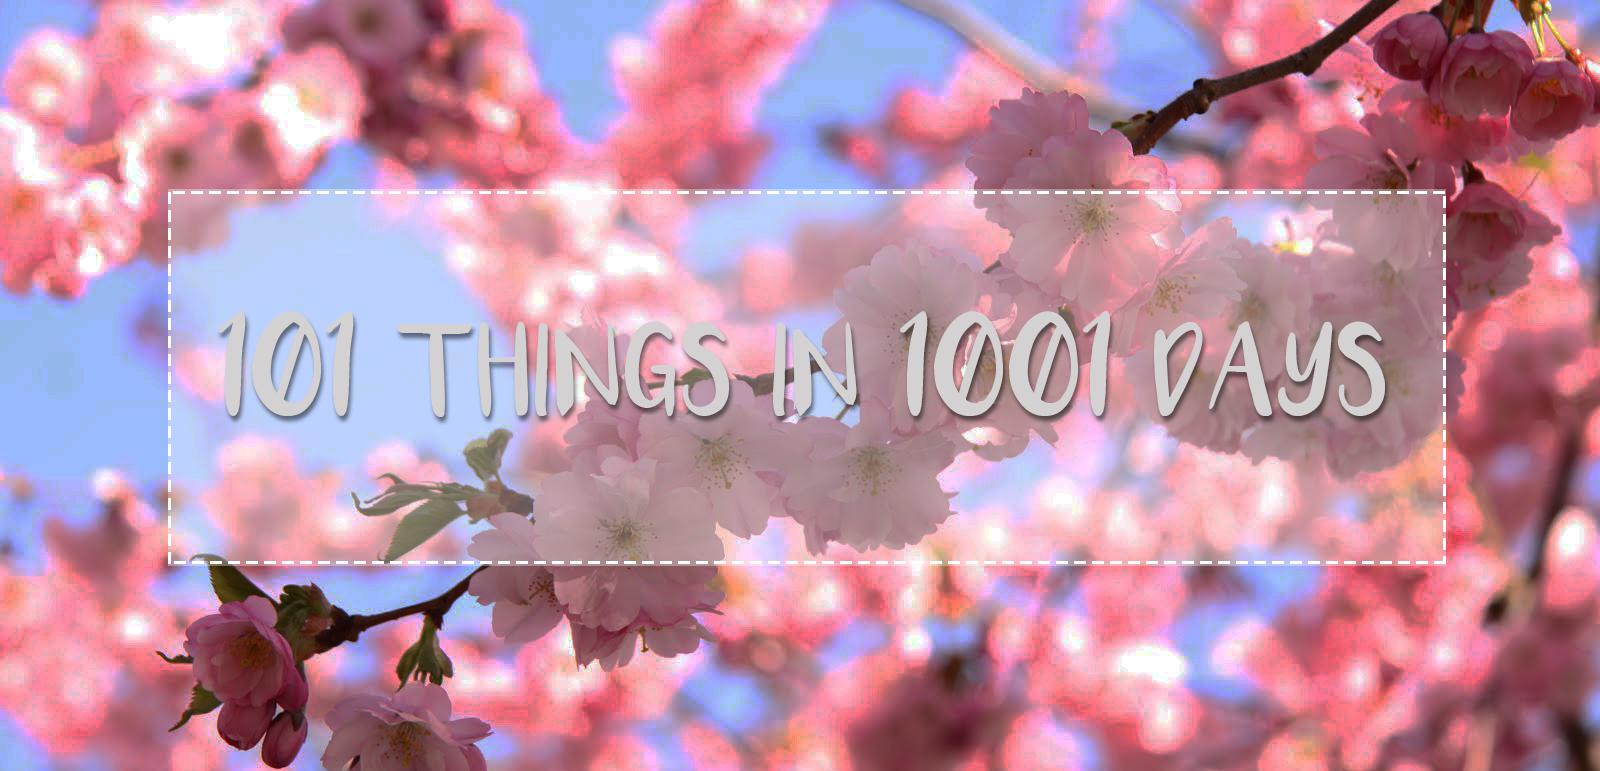 DESAFÍO: 101 cosas en 1001 días